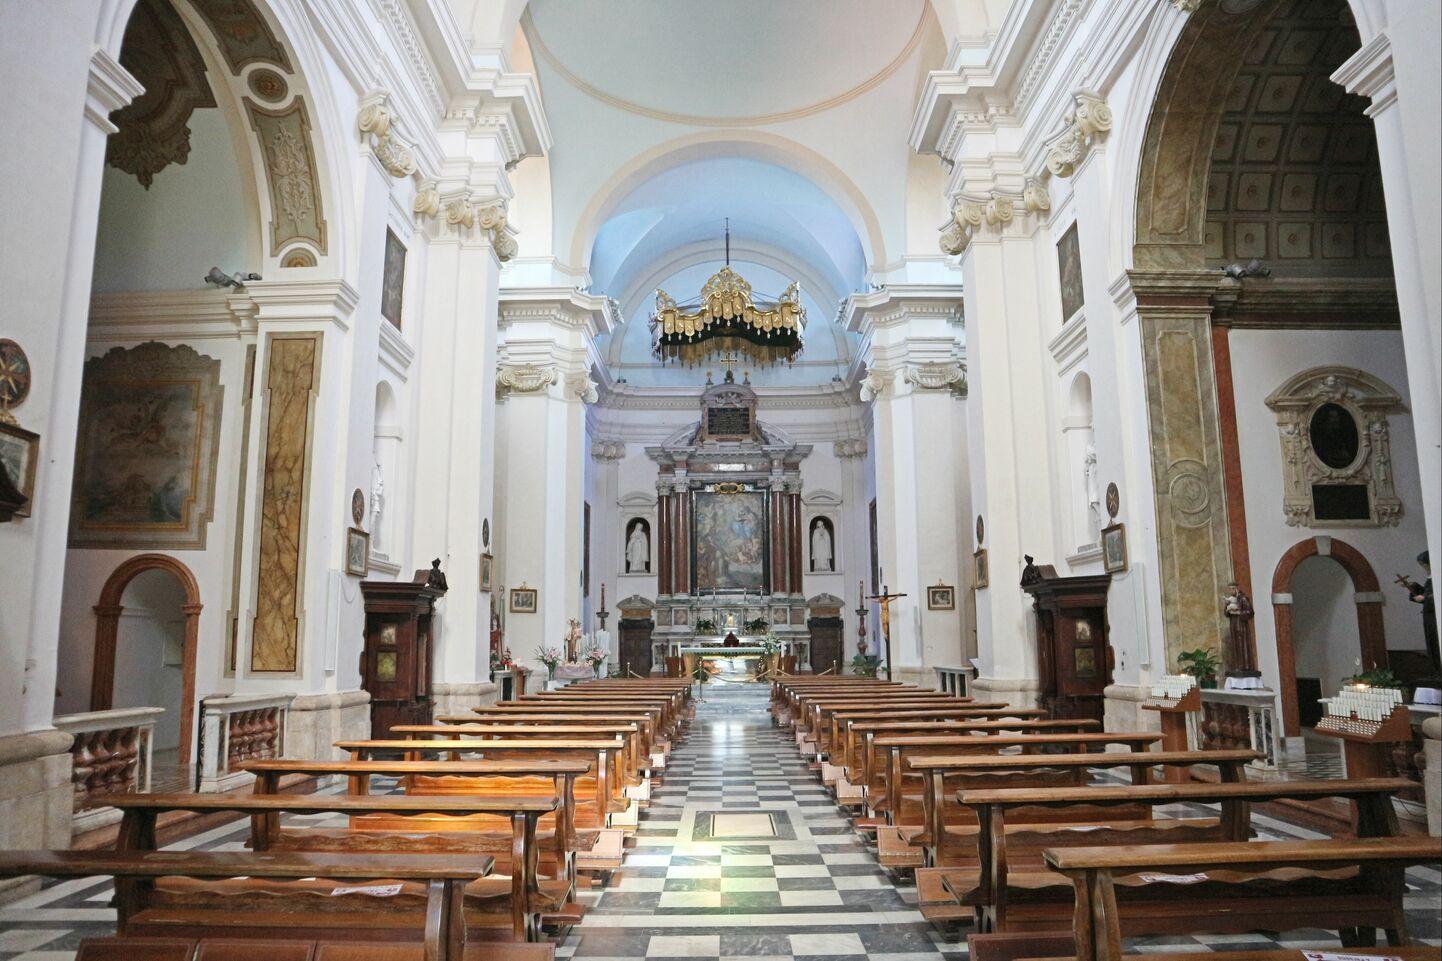 バレンタイン発祥のテルニとバレンタイン教会